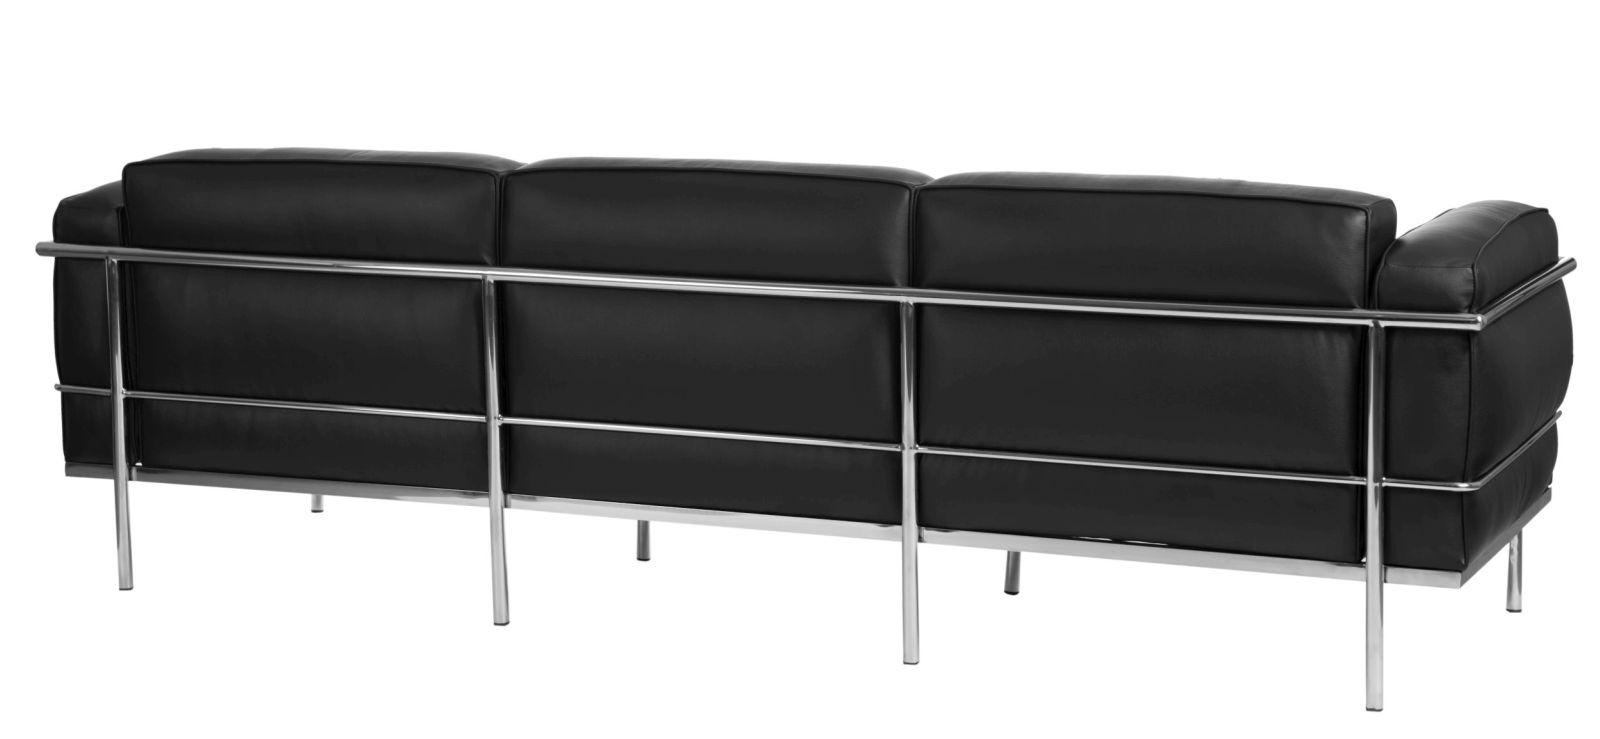 Sofa 3-osobowa Soft GC czarna skóra - zdjęcie nr 3